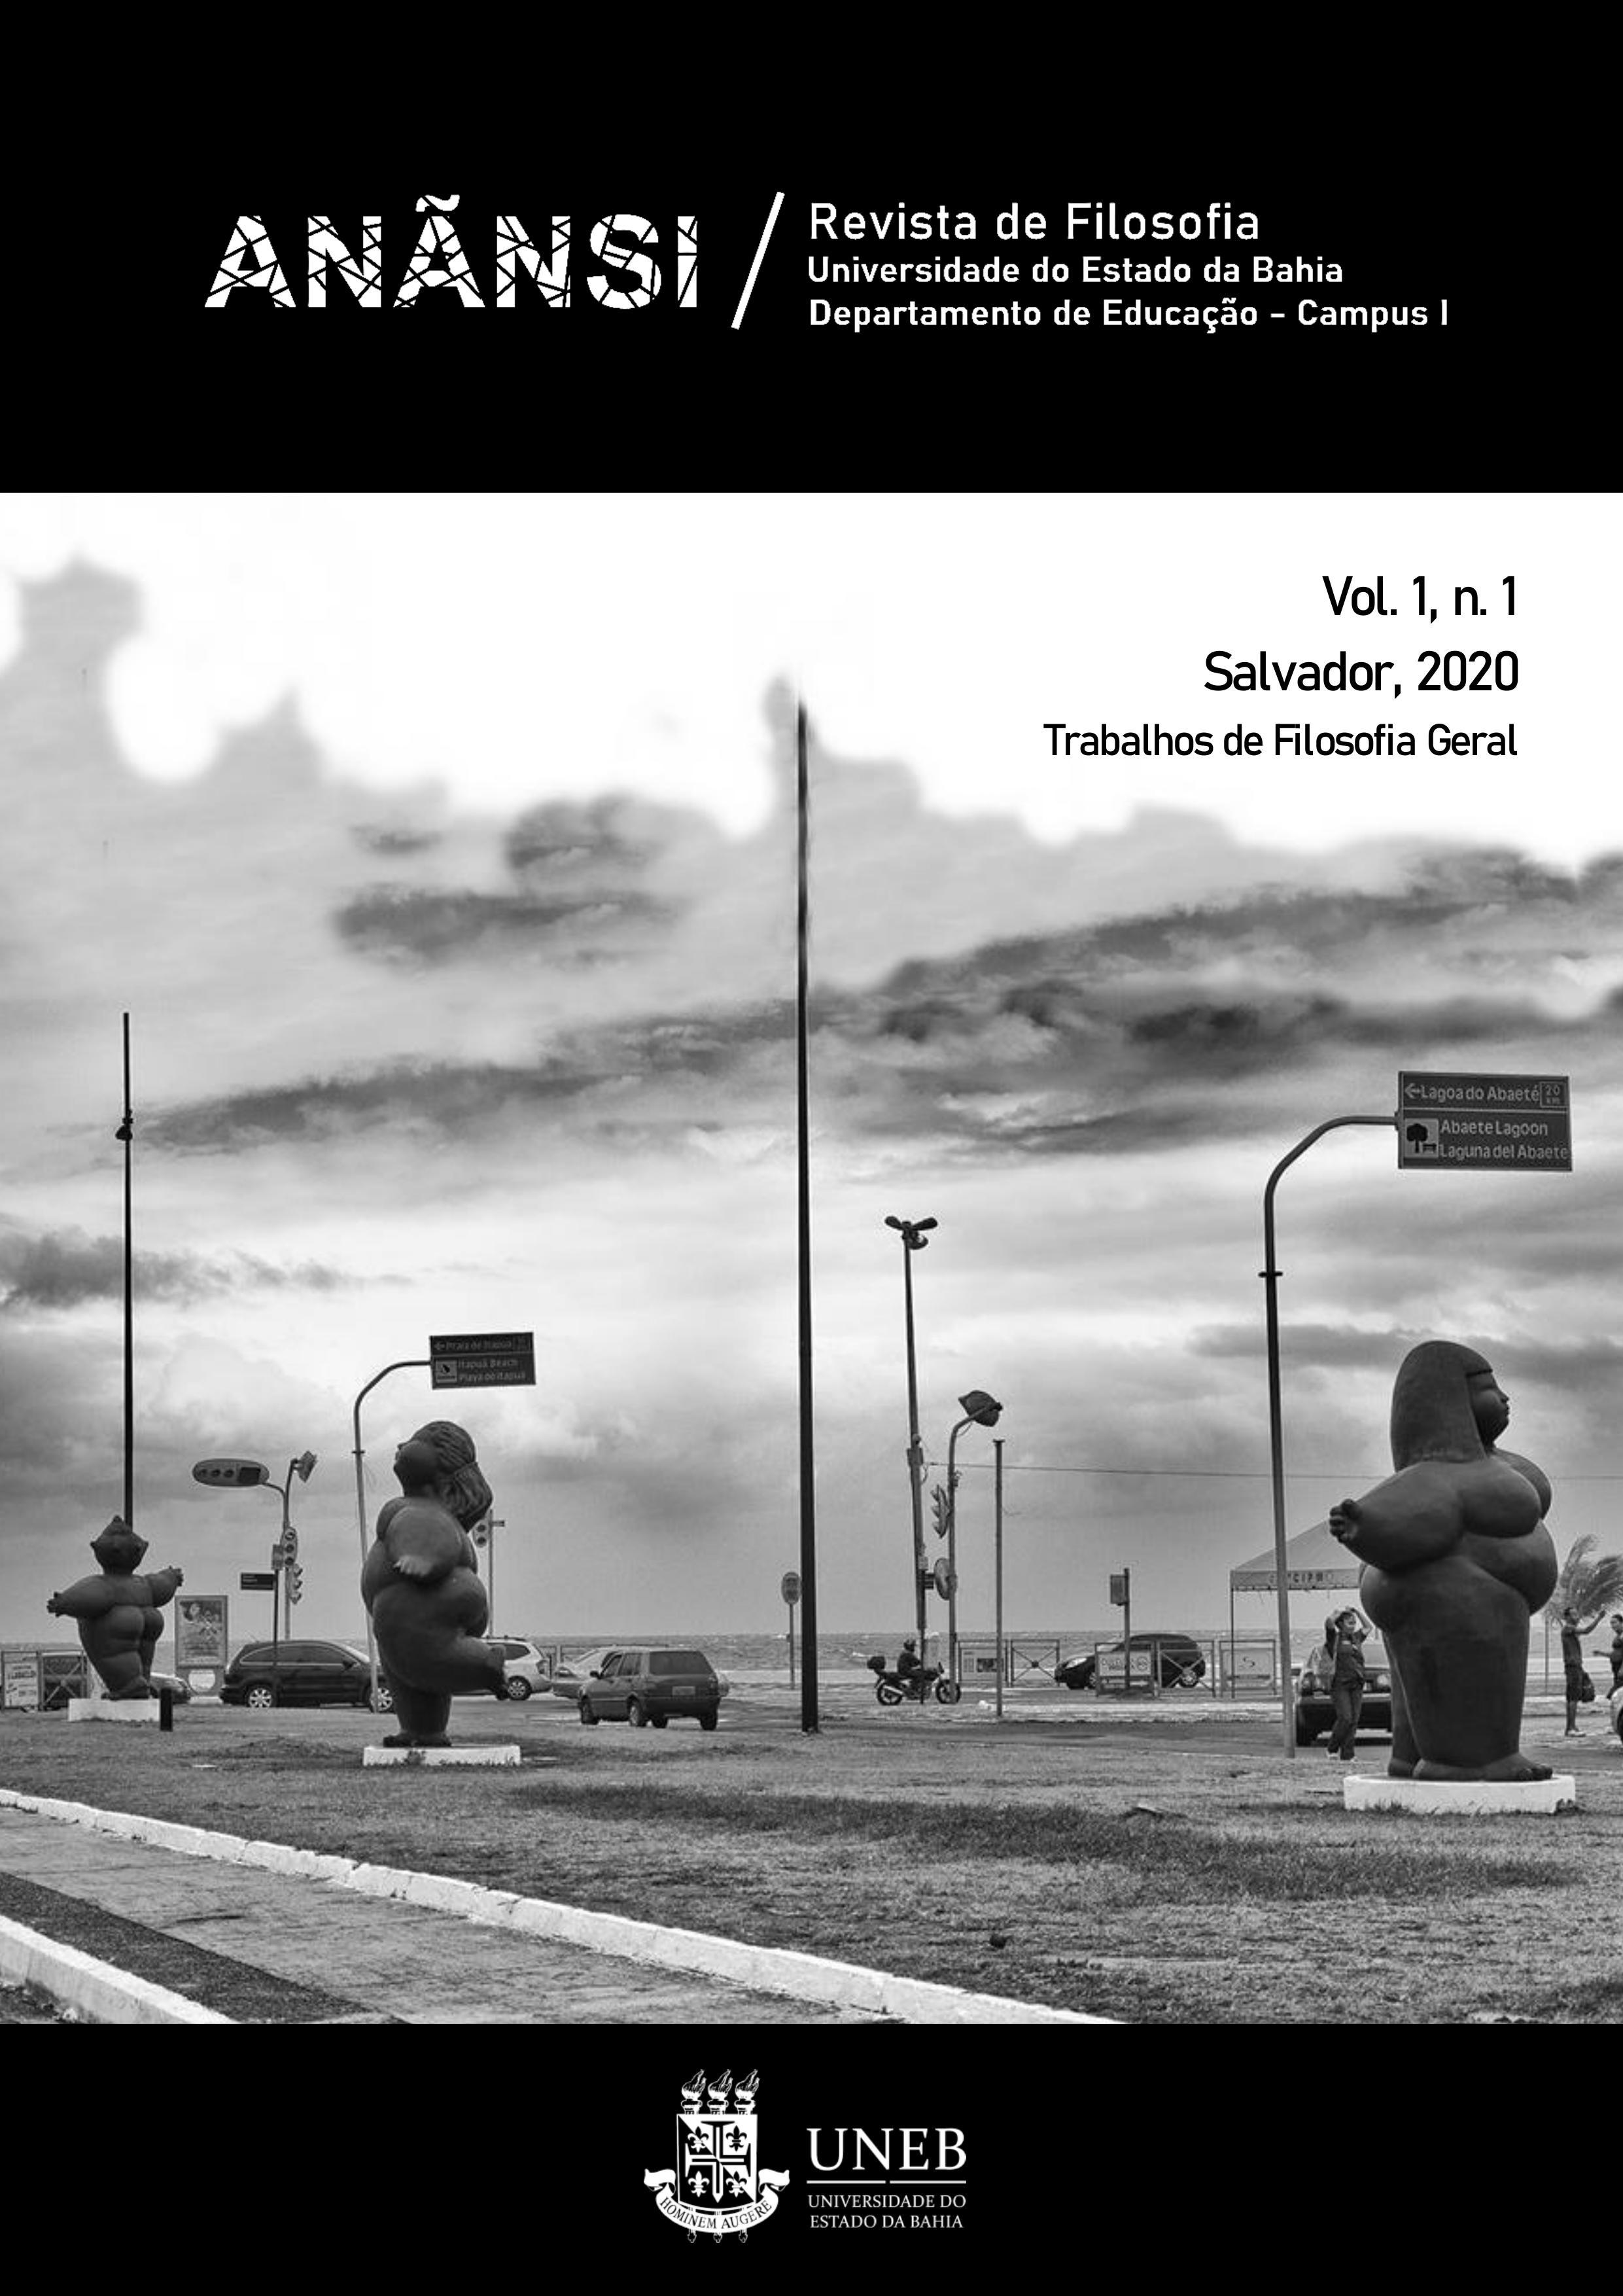 Capa da Revista Anãnsi, volume 1, número 1. A imagem de capa apresenta uma foto em preto e branco do monumento das Gordinhas de Ondina.